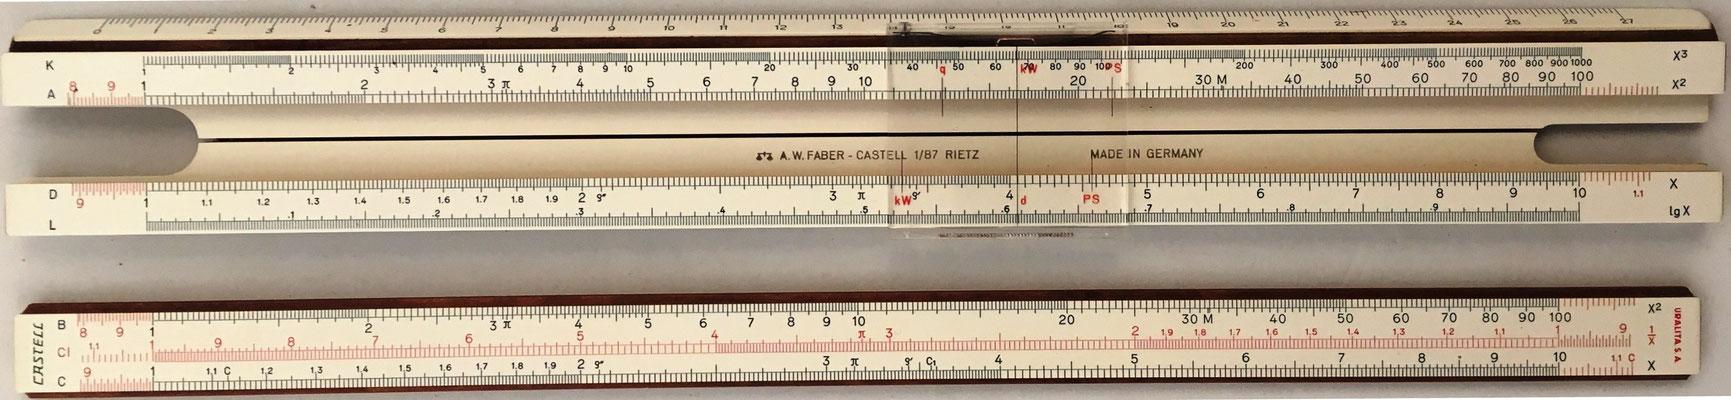 Anverso de la regla URALITA S.A (Faber-Castell 1/87) y de la reglilla